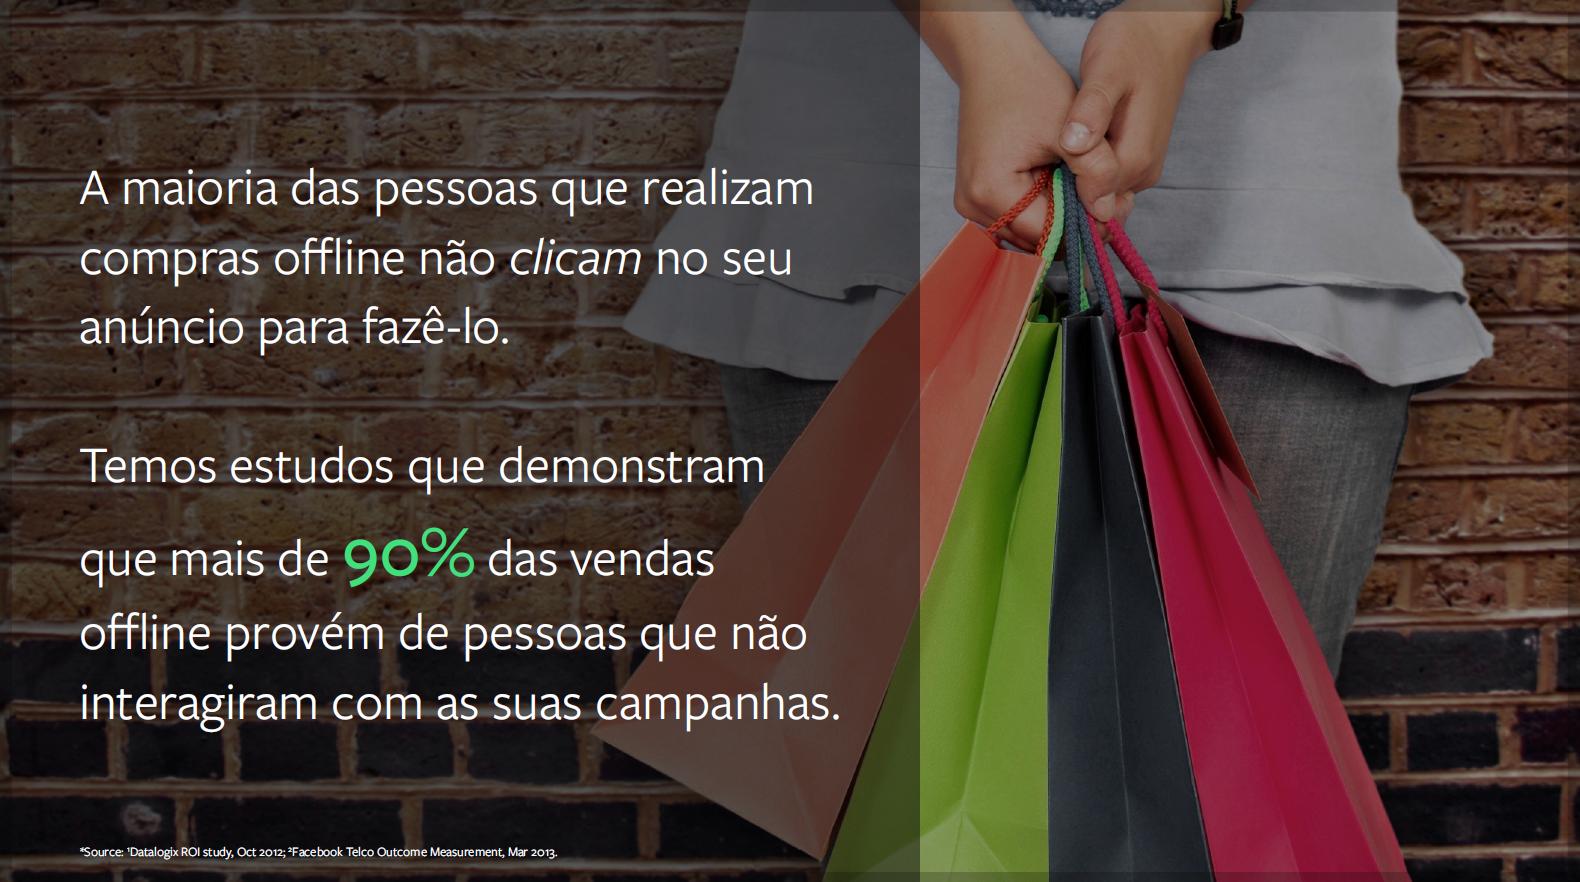 Segundo Datalogix, 90% das vendas offline probé de pessoas que não interagiram com suas campanhas